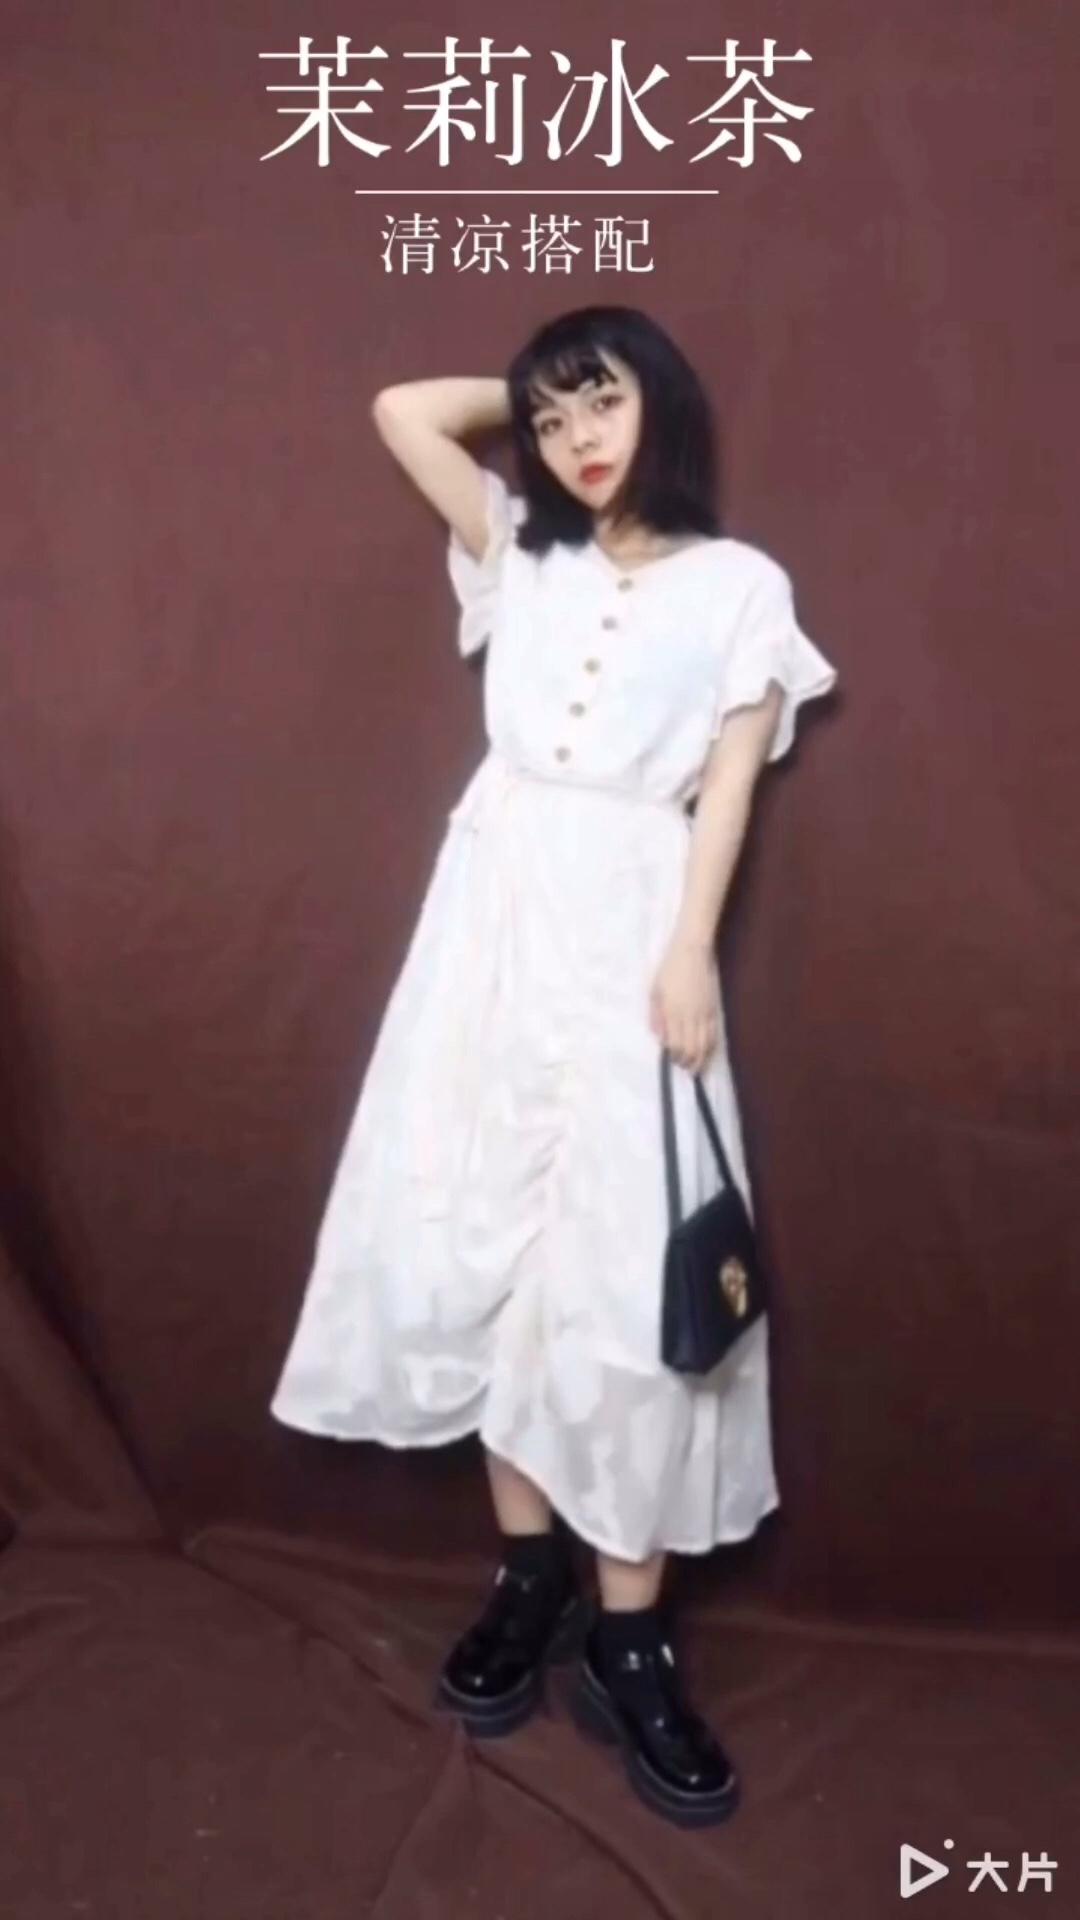 这条裙子炒鸡有设计感 小飞袖的设计无敌仙啦 穿上也很显瘦 裙子的印花和褶皱是我最喜欢的地方 这条裙子没有那么的娘 反而有一种酷酷的味道 搭配个松糕鞋或者小靴子就很美妙#懒癌+肥胖?终于有救了!#